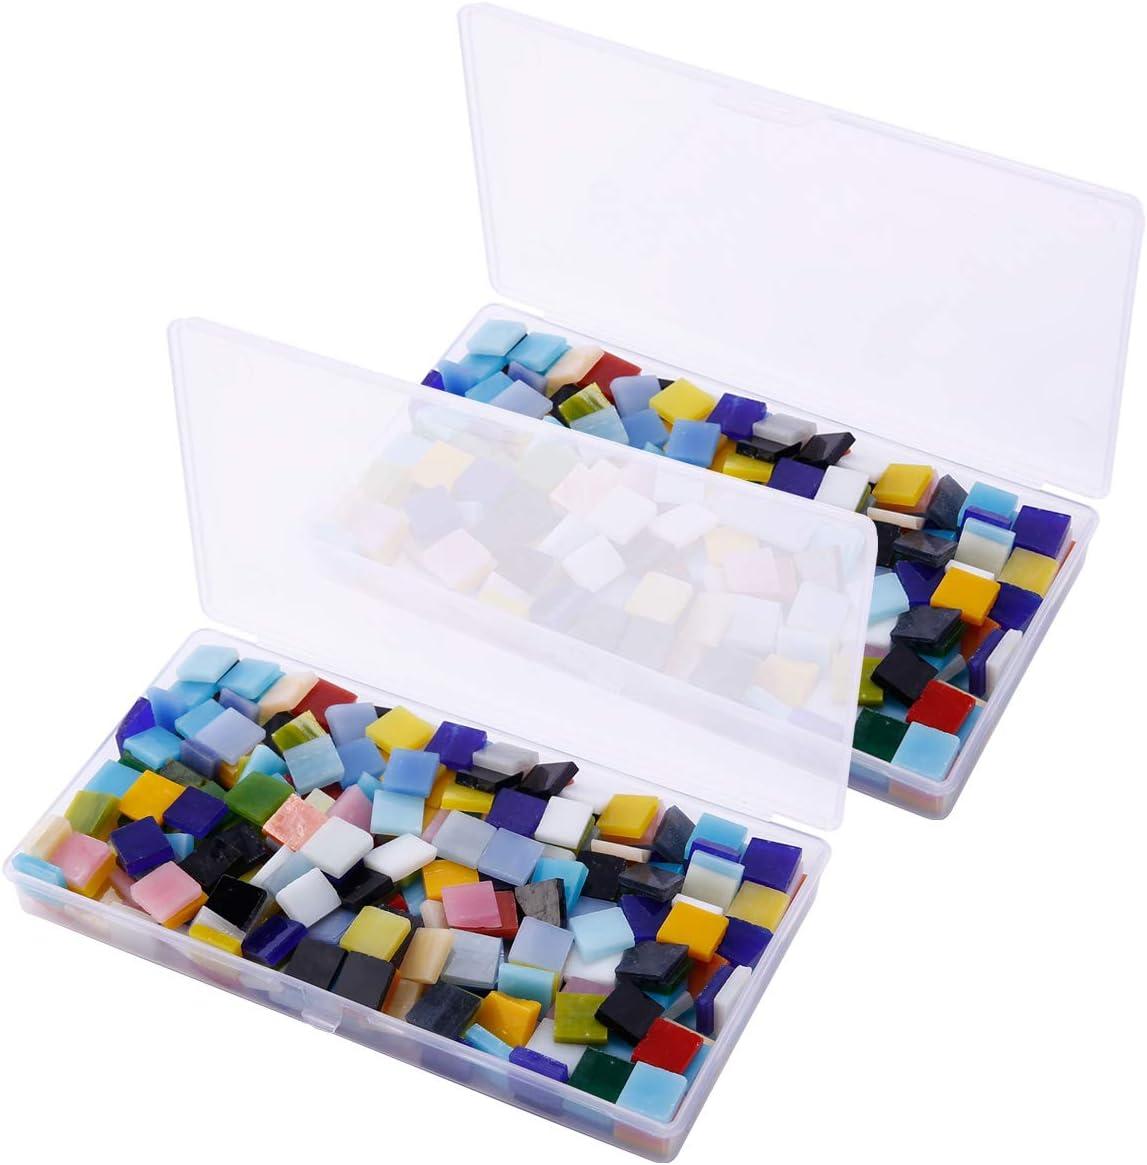 Anladia 11mm Mosaiksteine Mosaikfliesen Mosaik Raute Bunt gemischt Basteln DIY Deko ca 360 St mit Aufbewahrungsbox